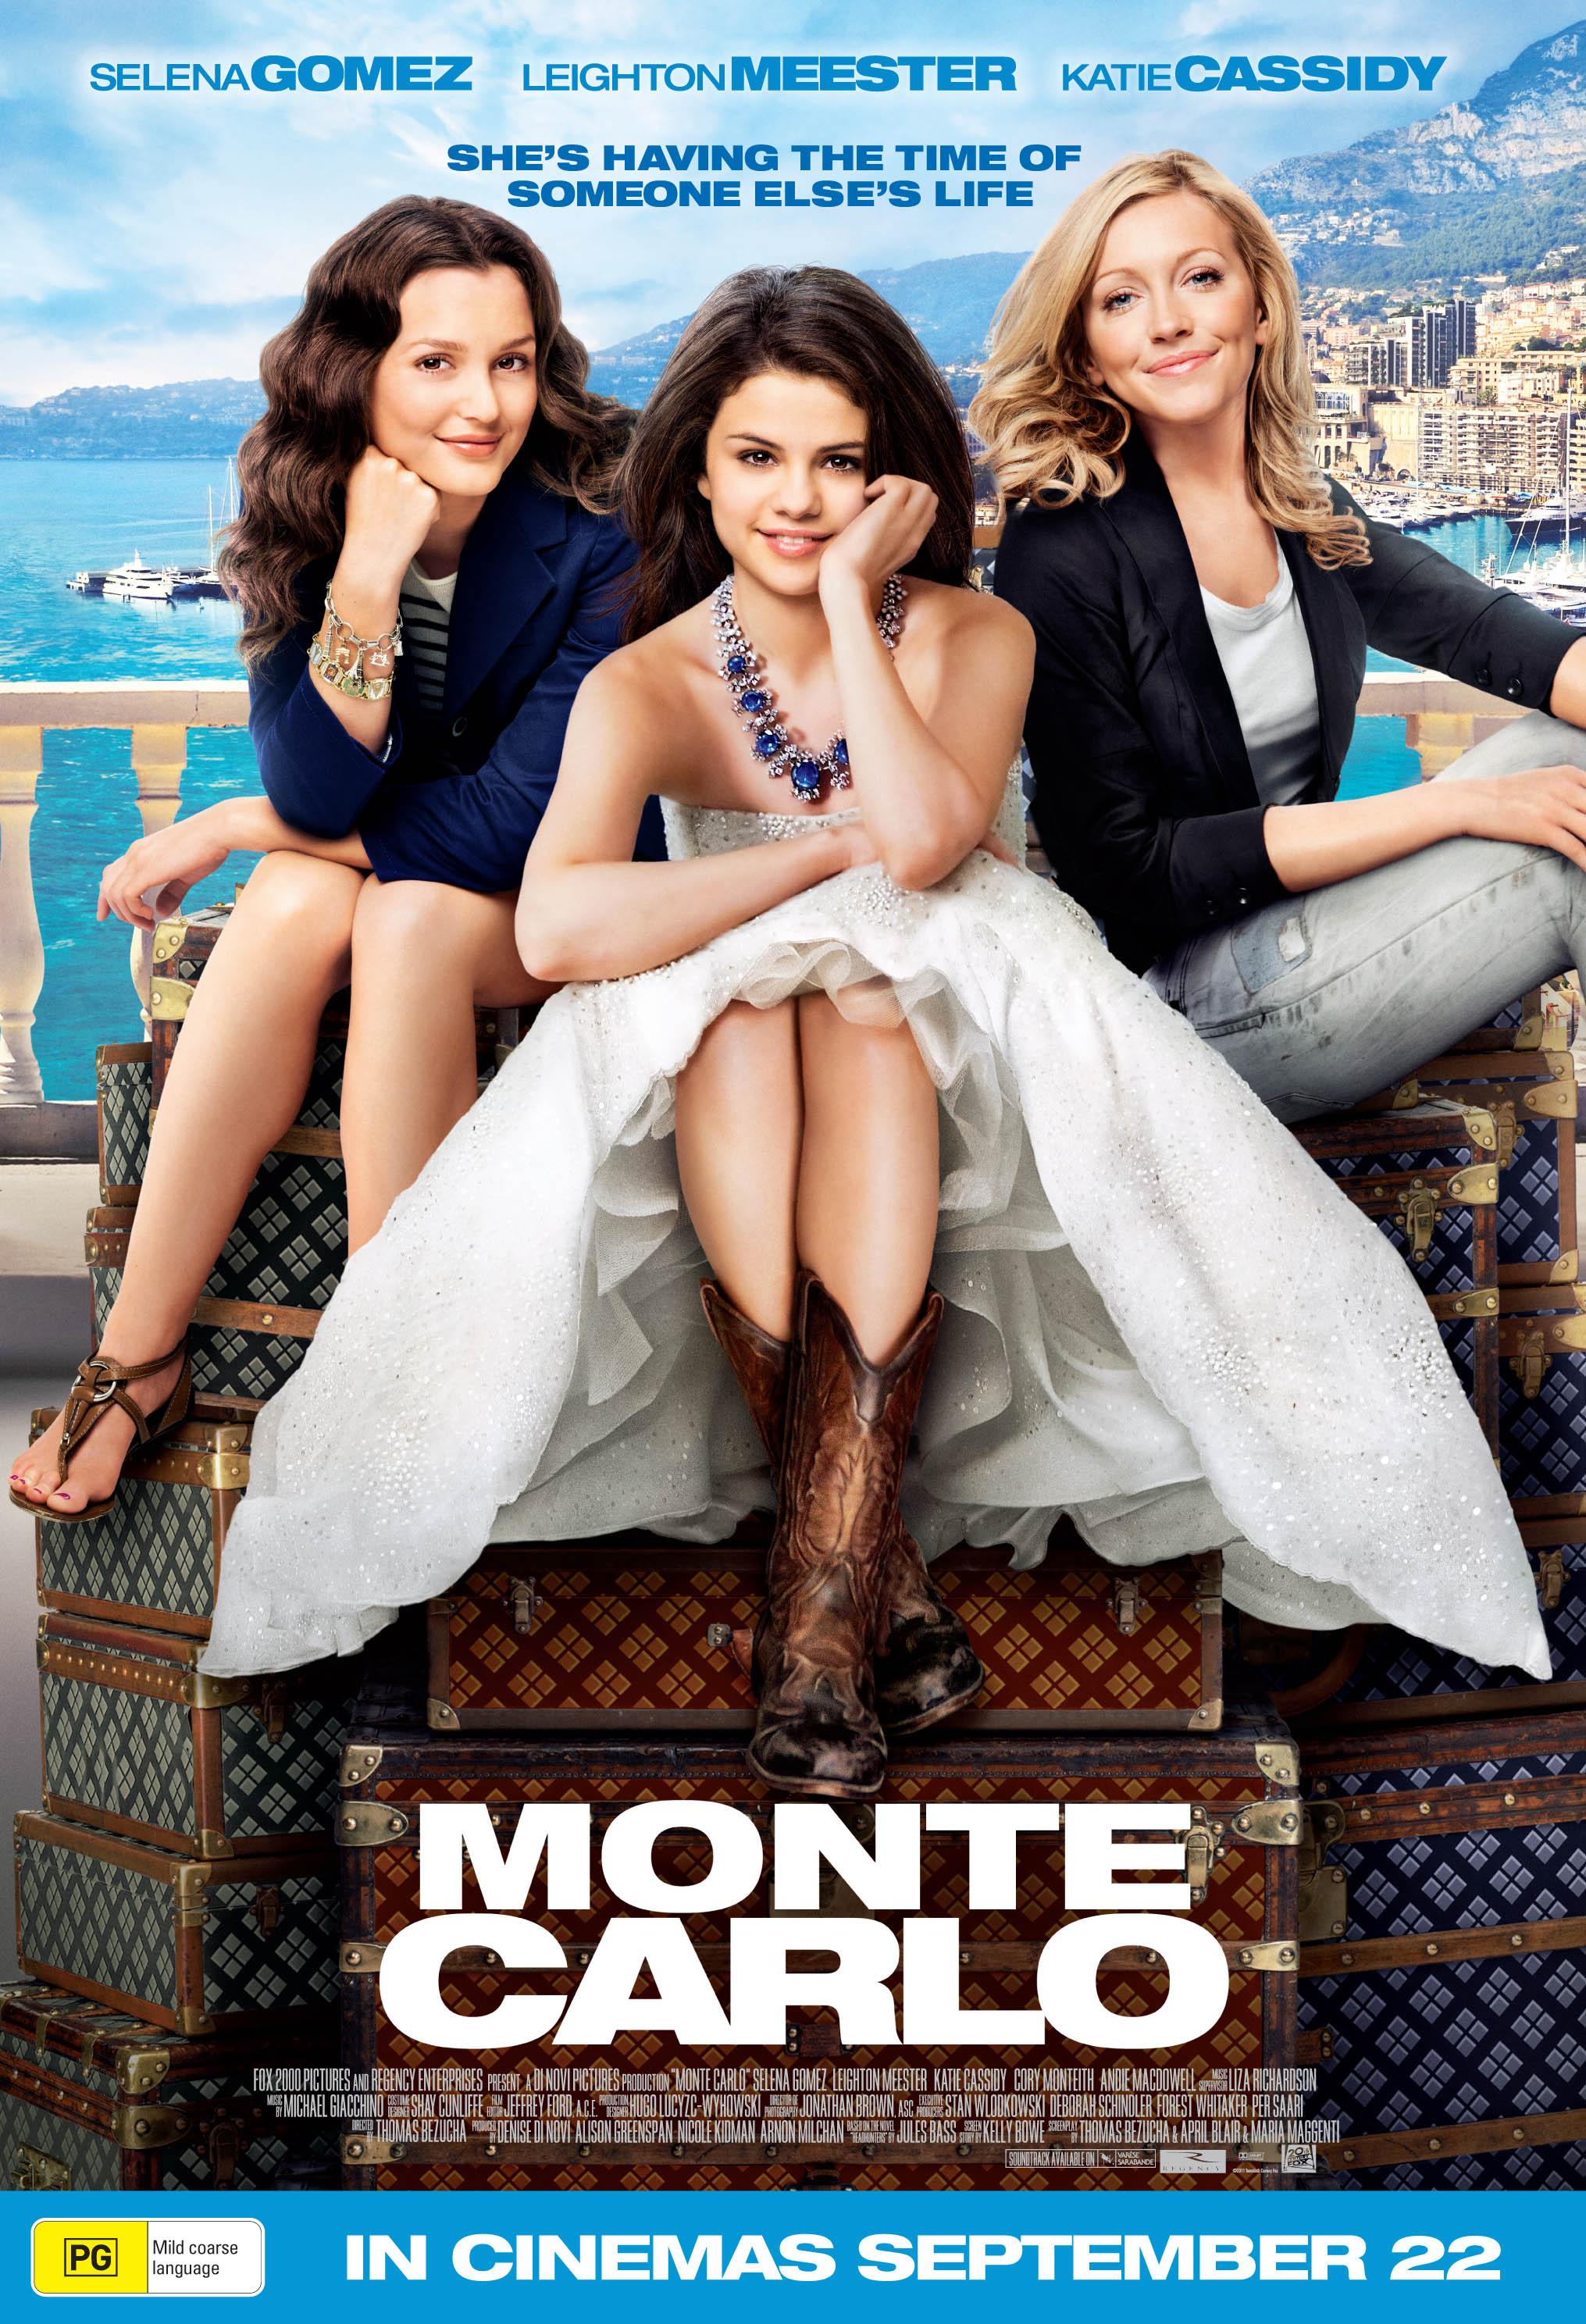 MonteCarlo_KA_Promo_Col